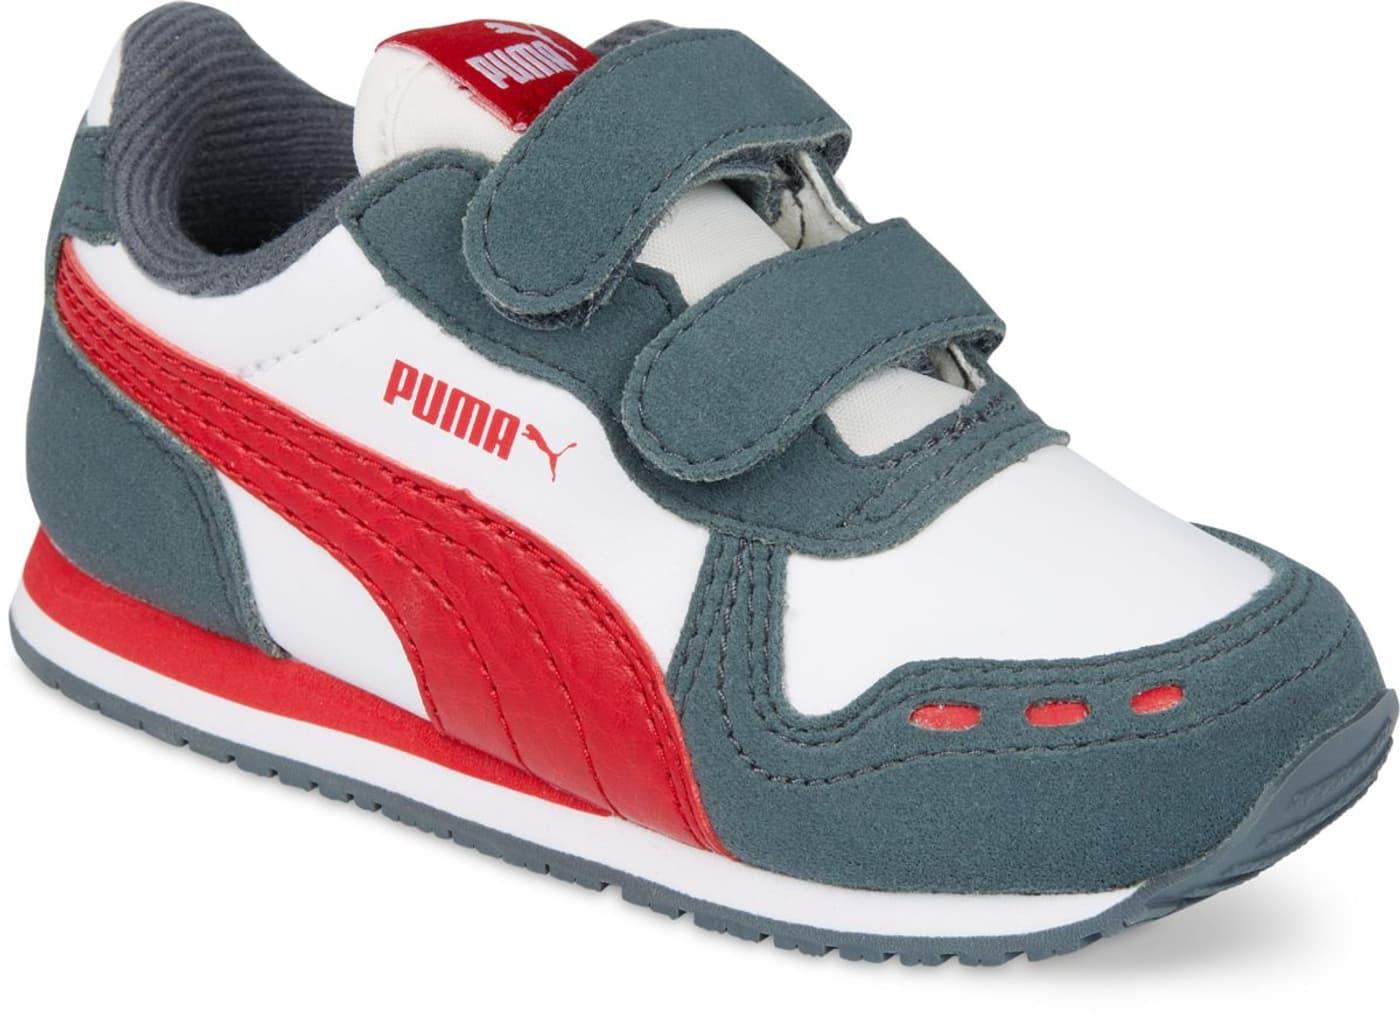 ce616ba978bc6 Pour Migros Enfant Chaussure Enfant Puma Puma Chaussure Chaussure Pour  Migros Puma 7dwq6x